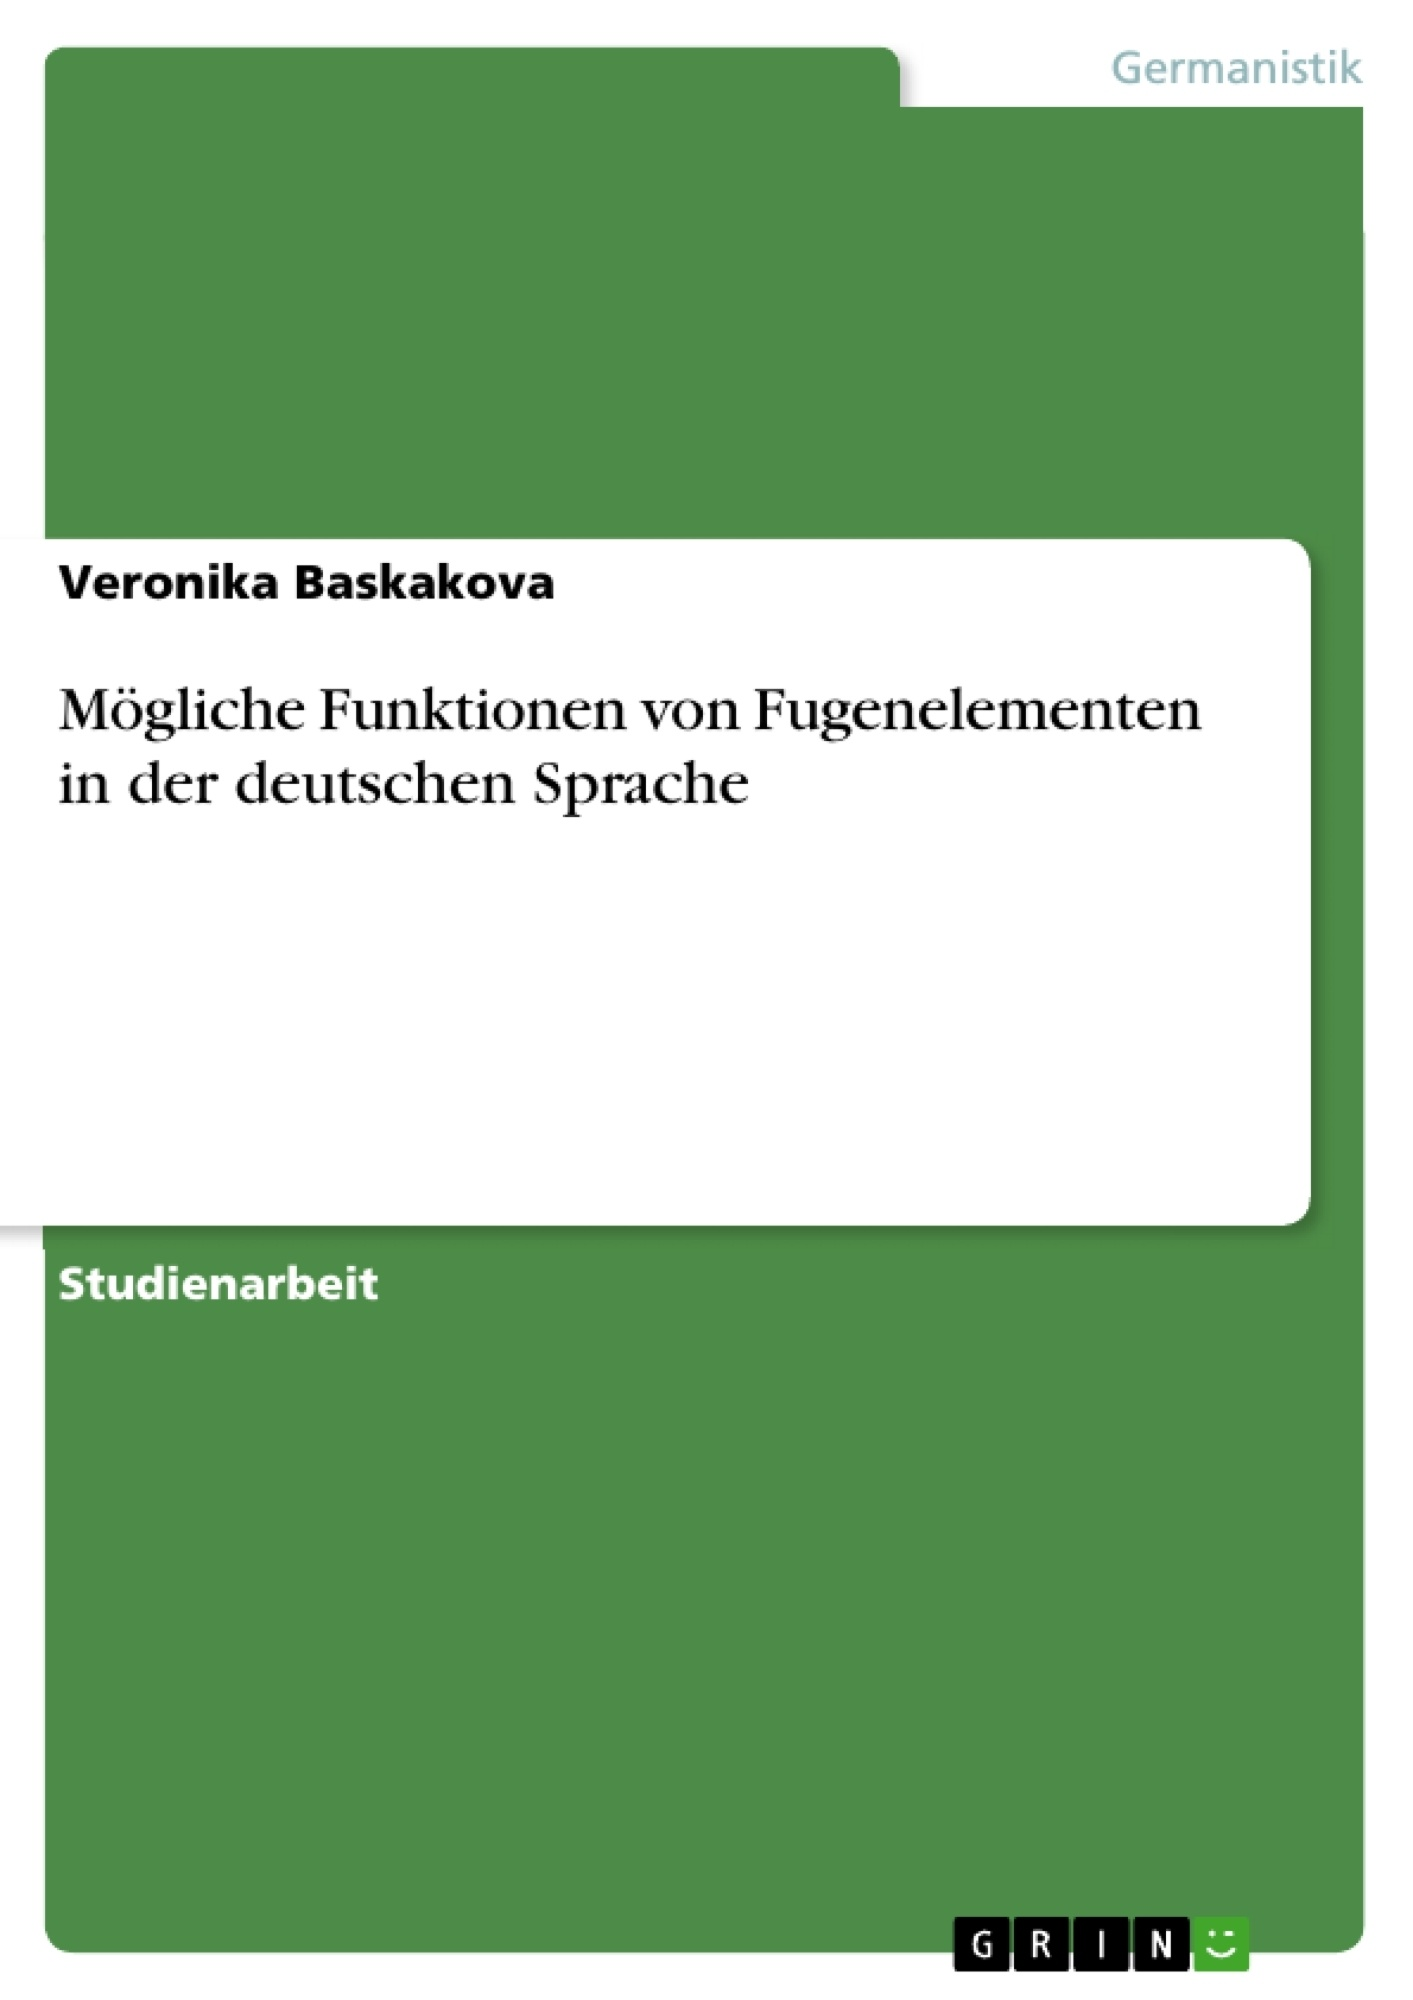 Titel: Mögliche Funktionen von Fugenelementen in der deutschen Sprache